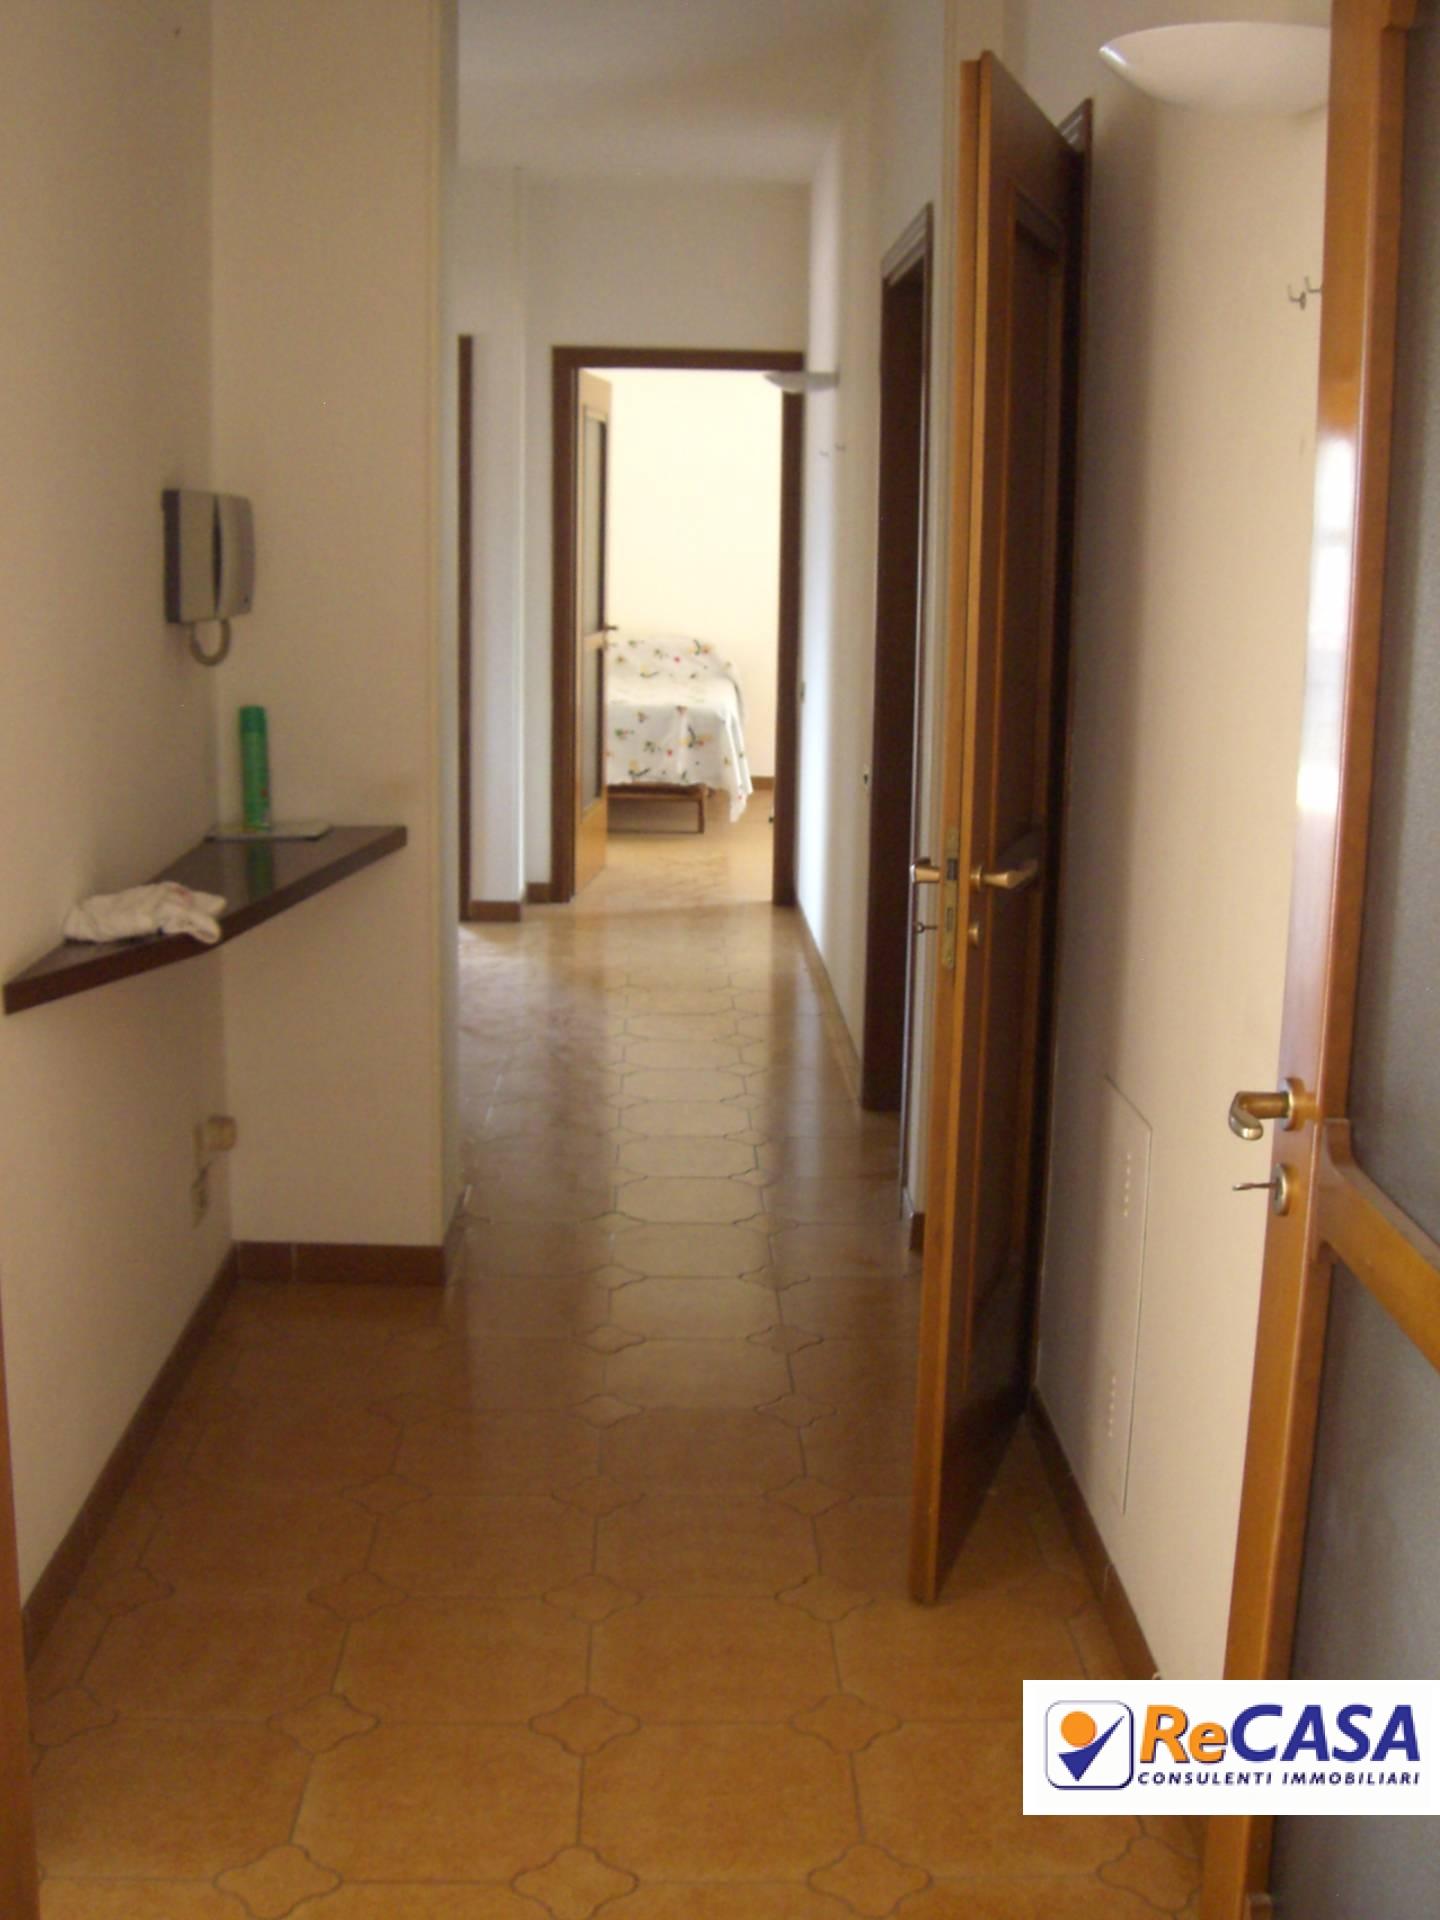 Appartamento in vendita a Montecorvino Rovella, 4 locali, zona Zona: Nuvola, prezzo € 115.000   Cambio Casa.it